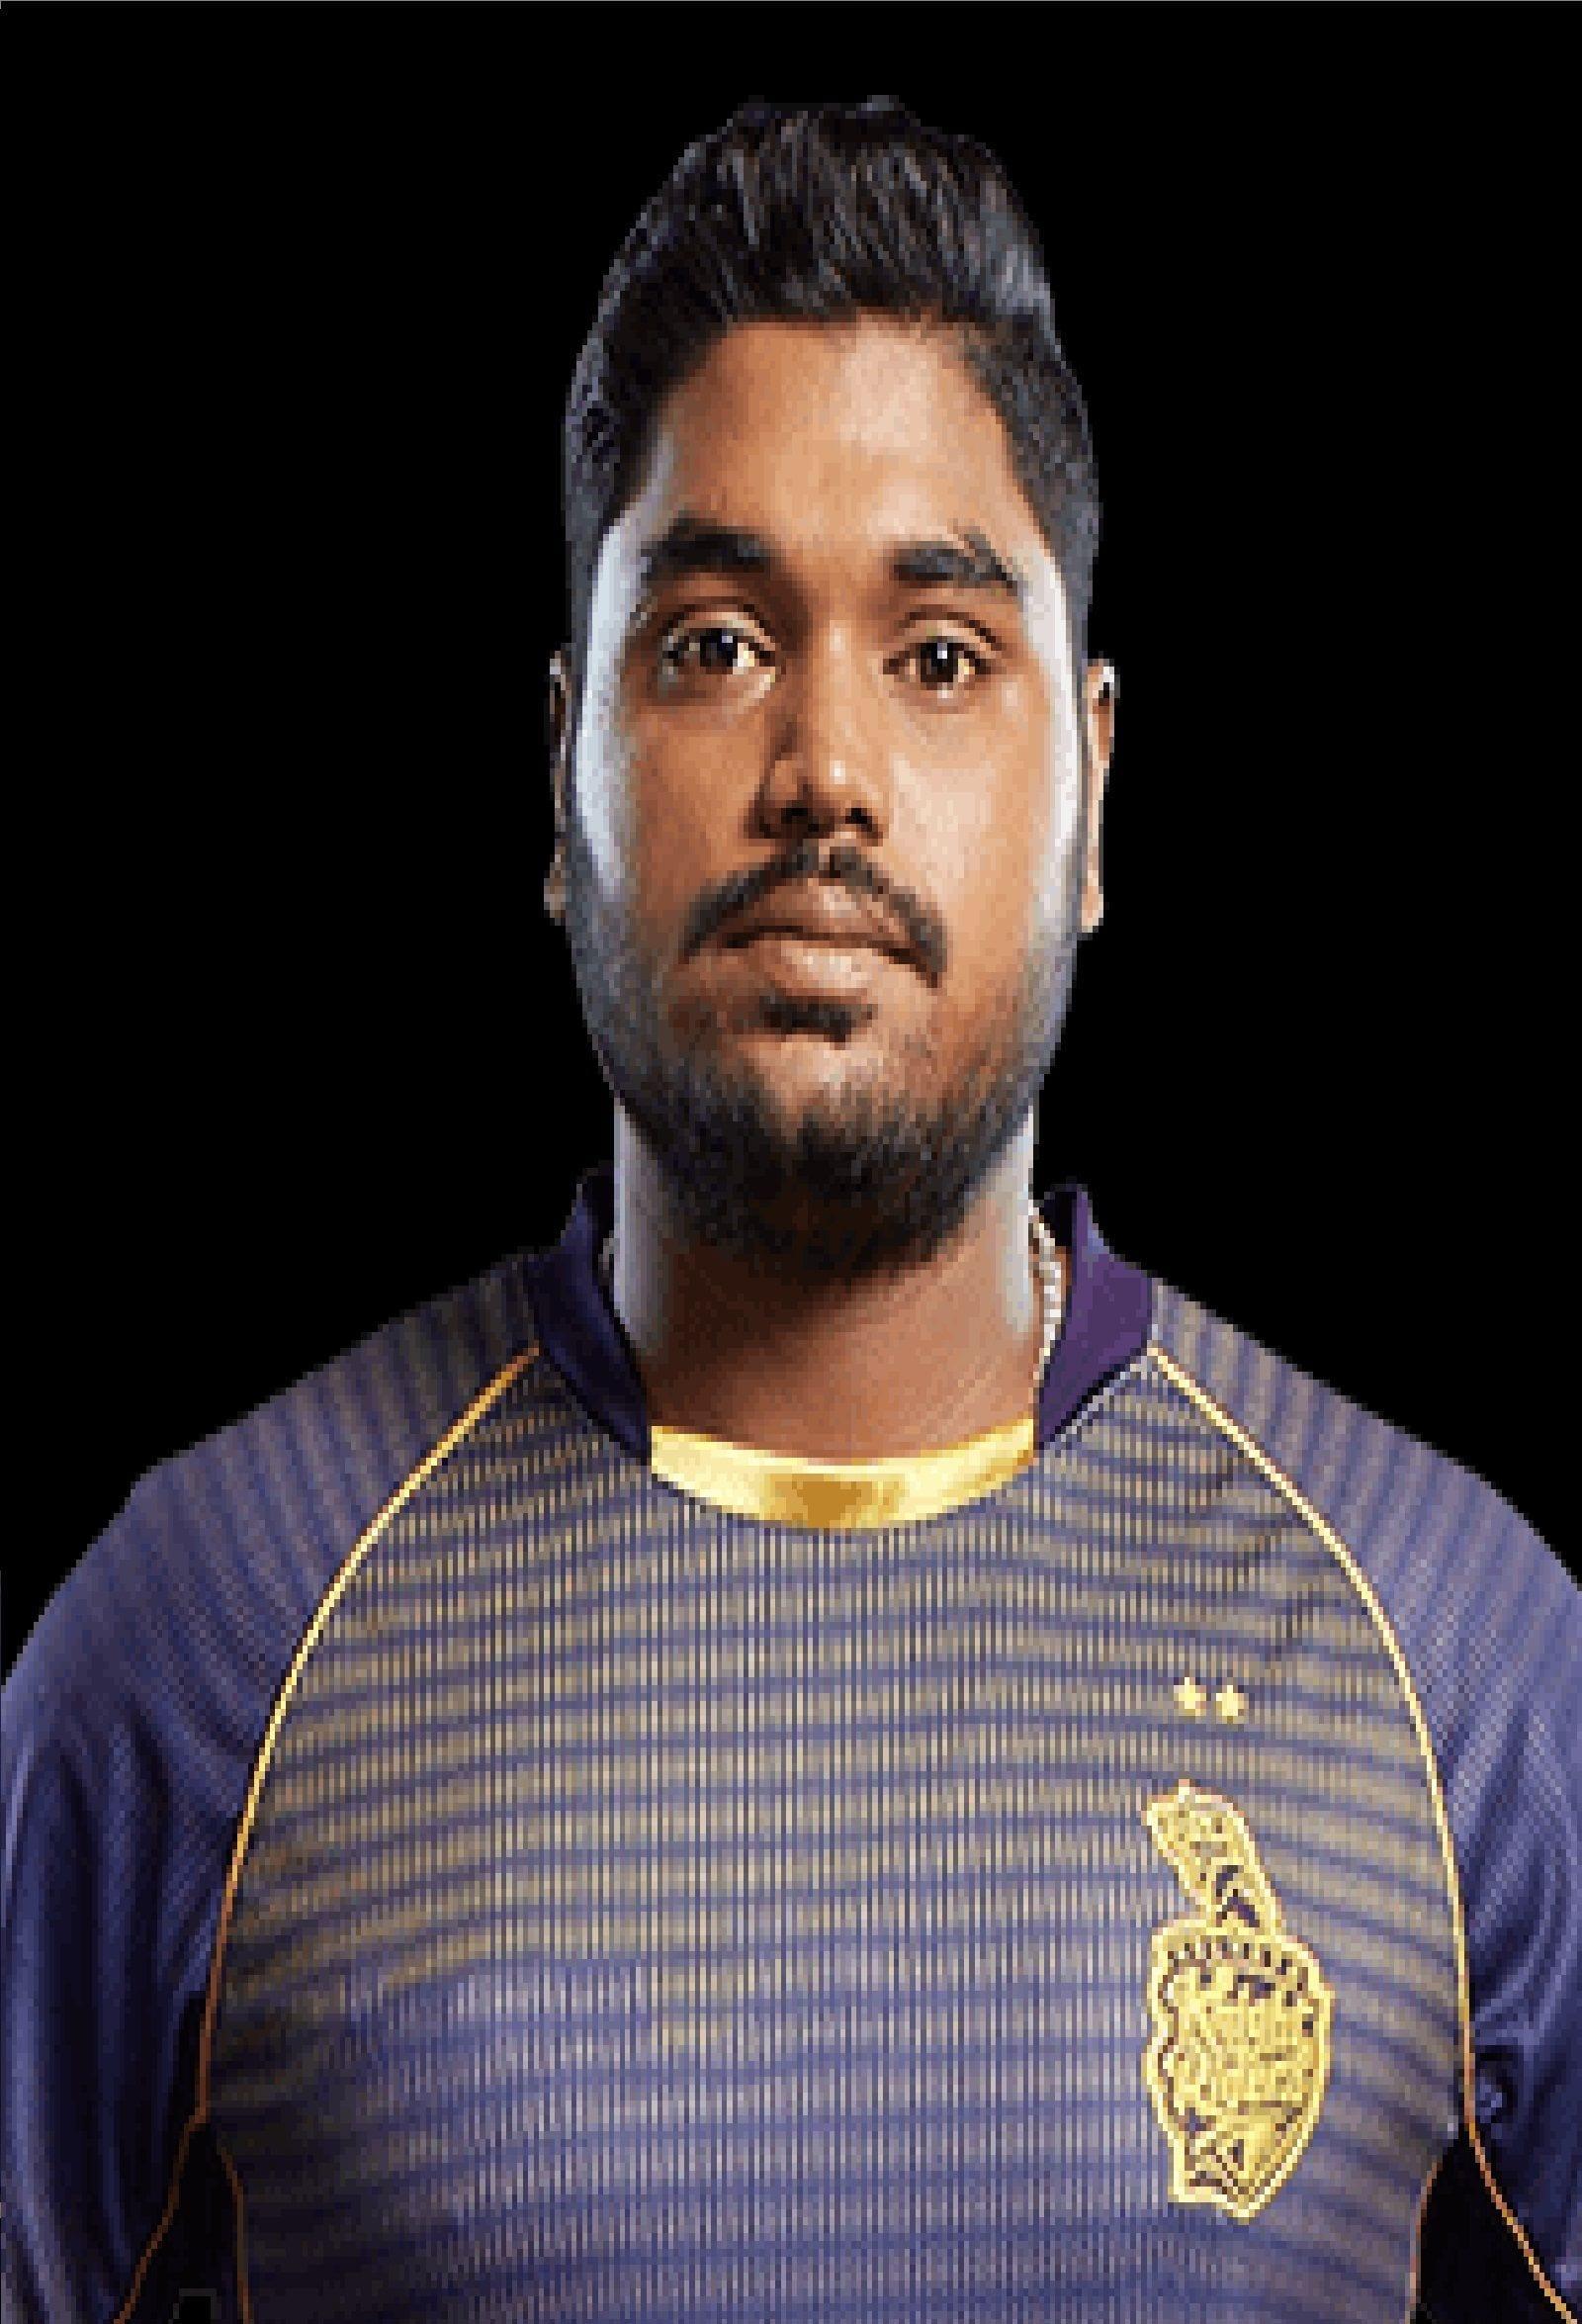 নিখিল নায়েক (উইকেটকিপার): ৩টি ম্যাচে ৩০ রান ও ২টি ক্যাচ।